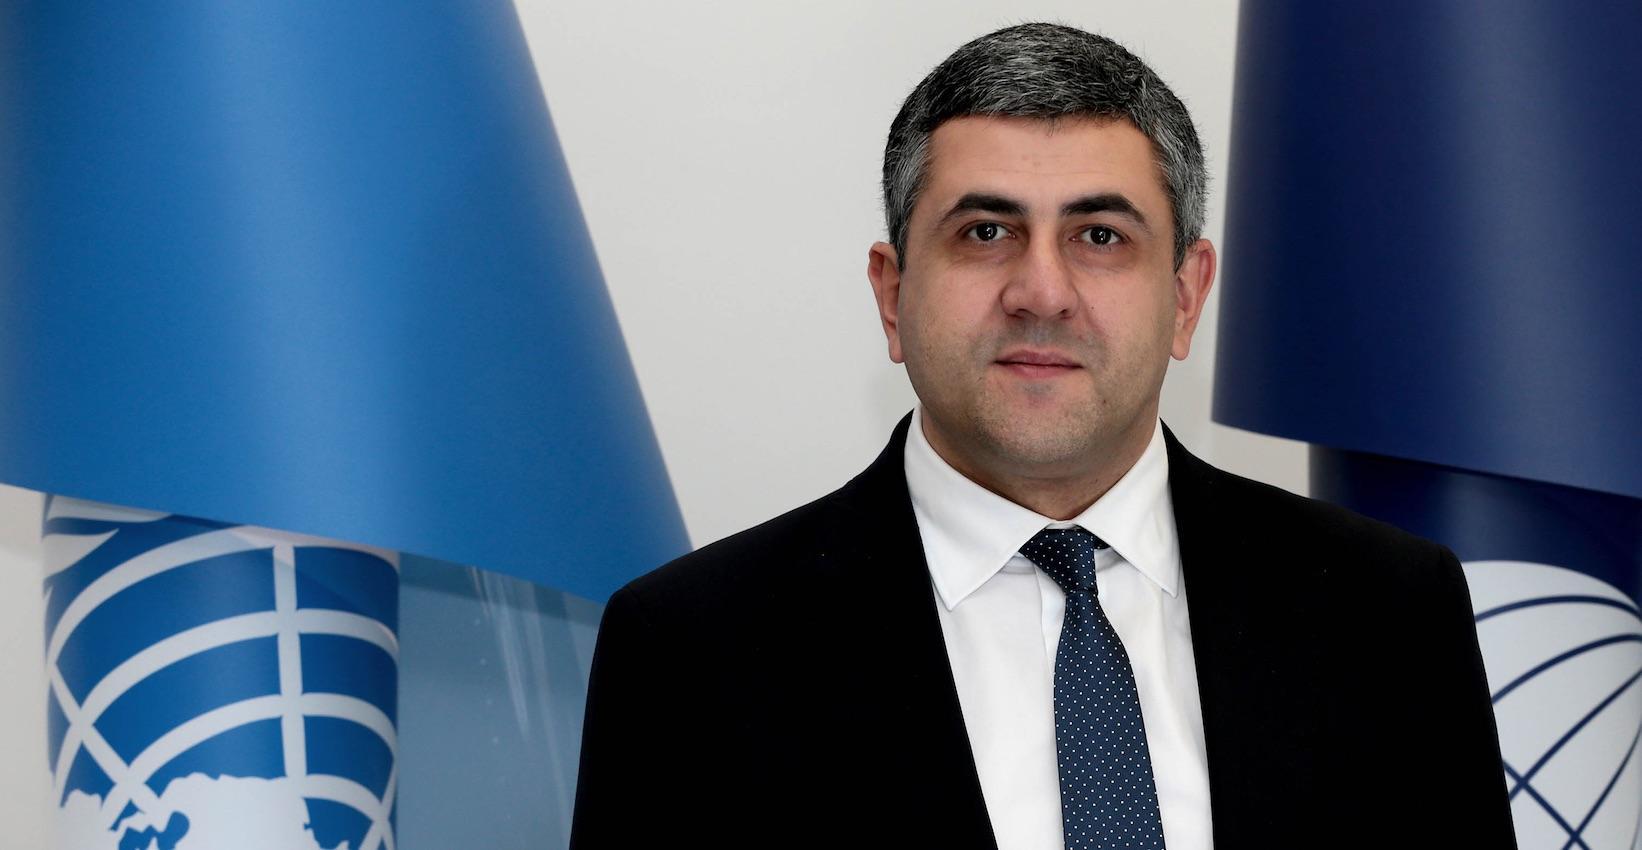 unwto-zuranpololikashvili-1524514611938.jpg